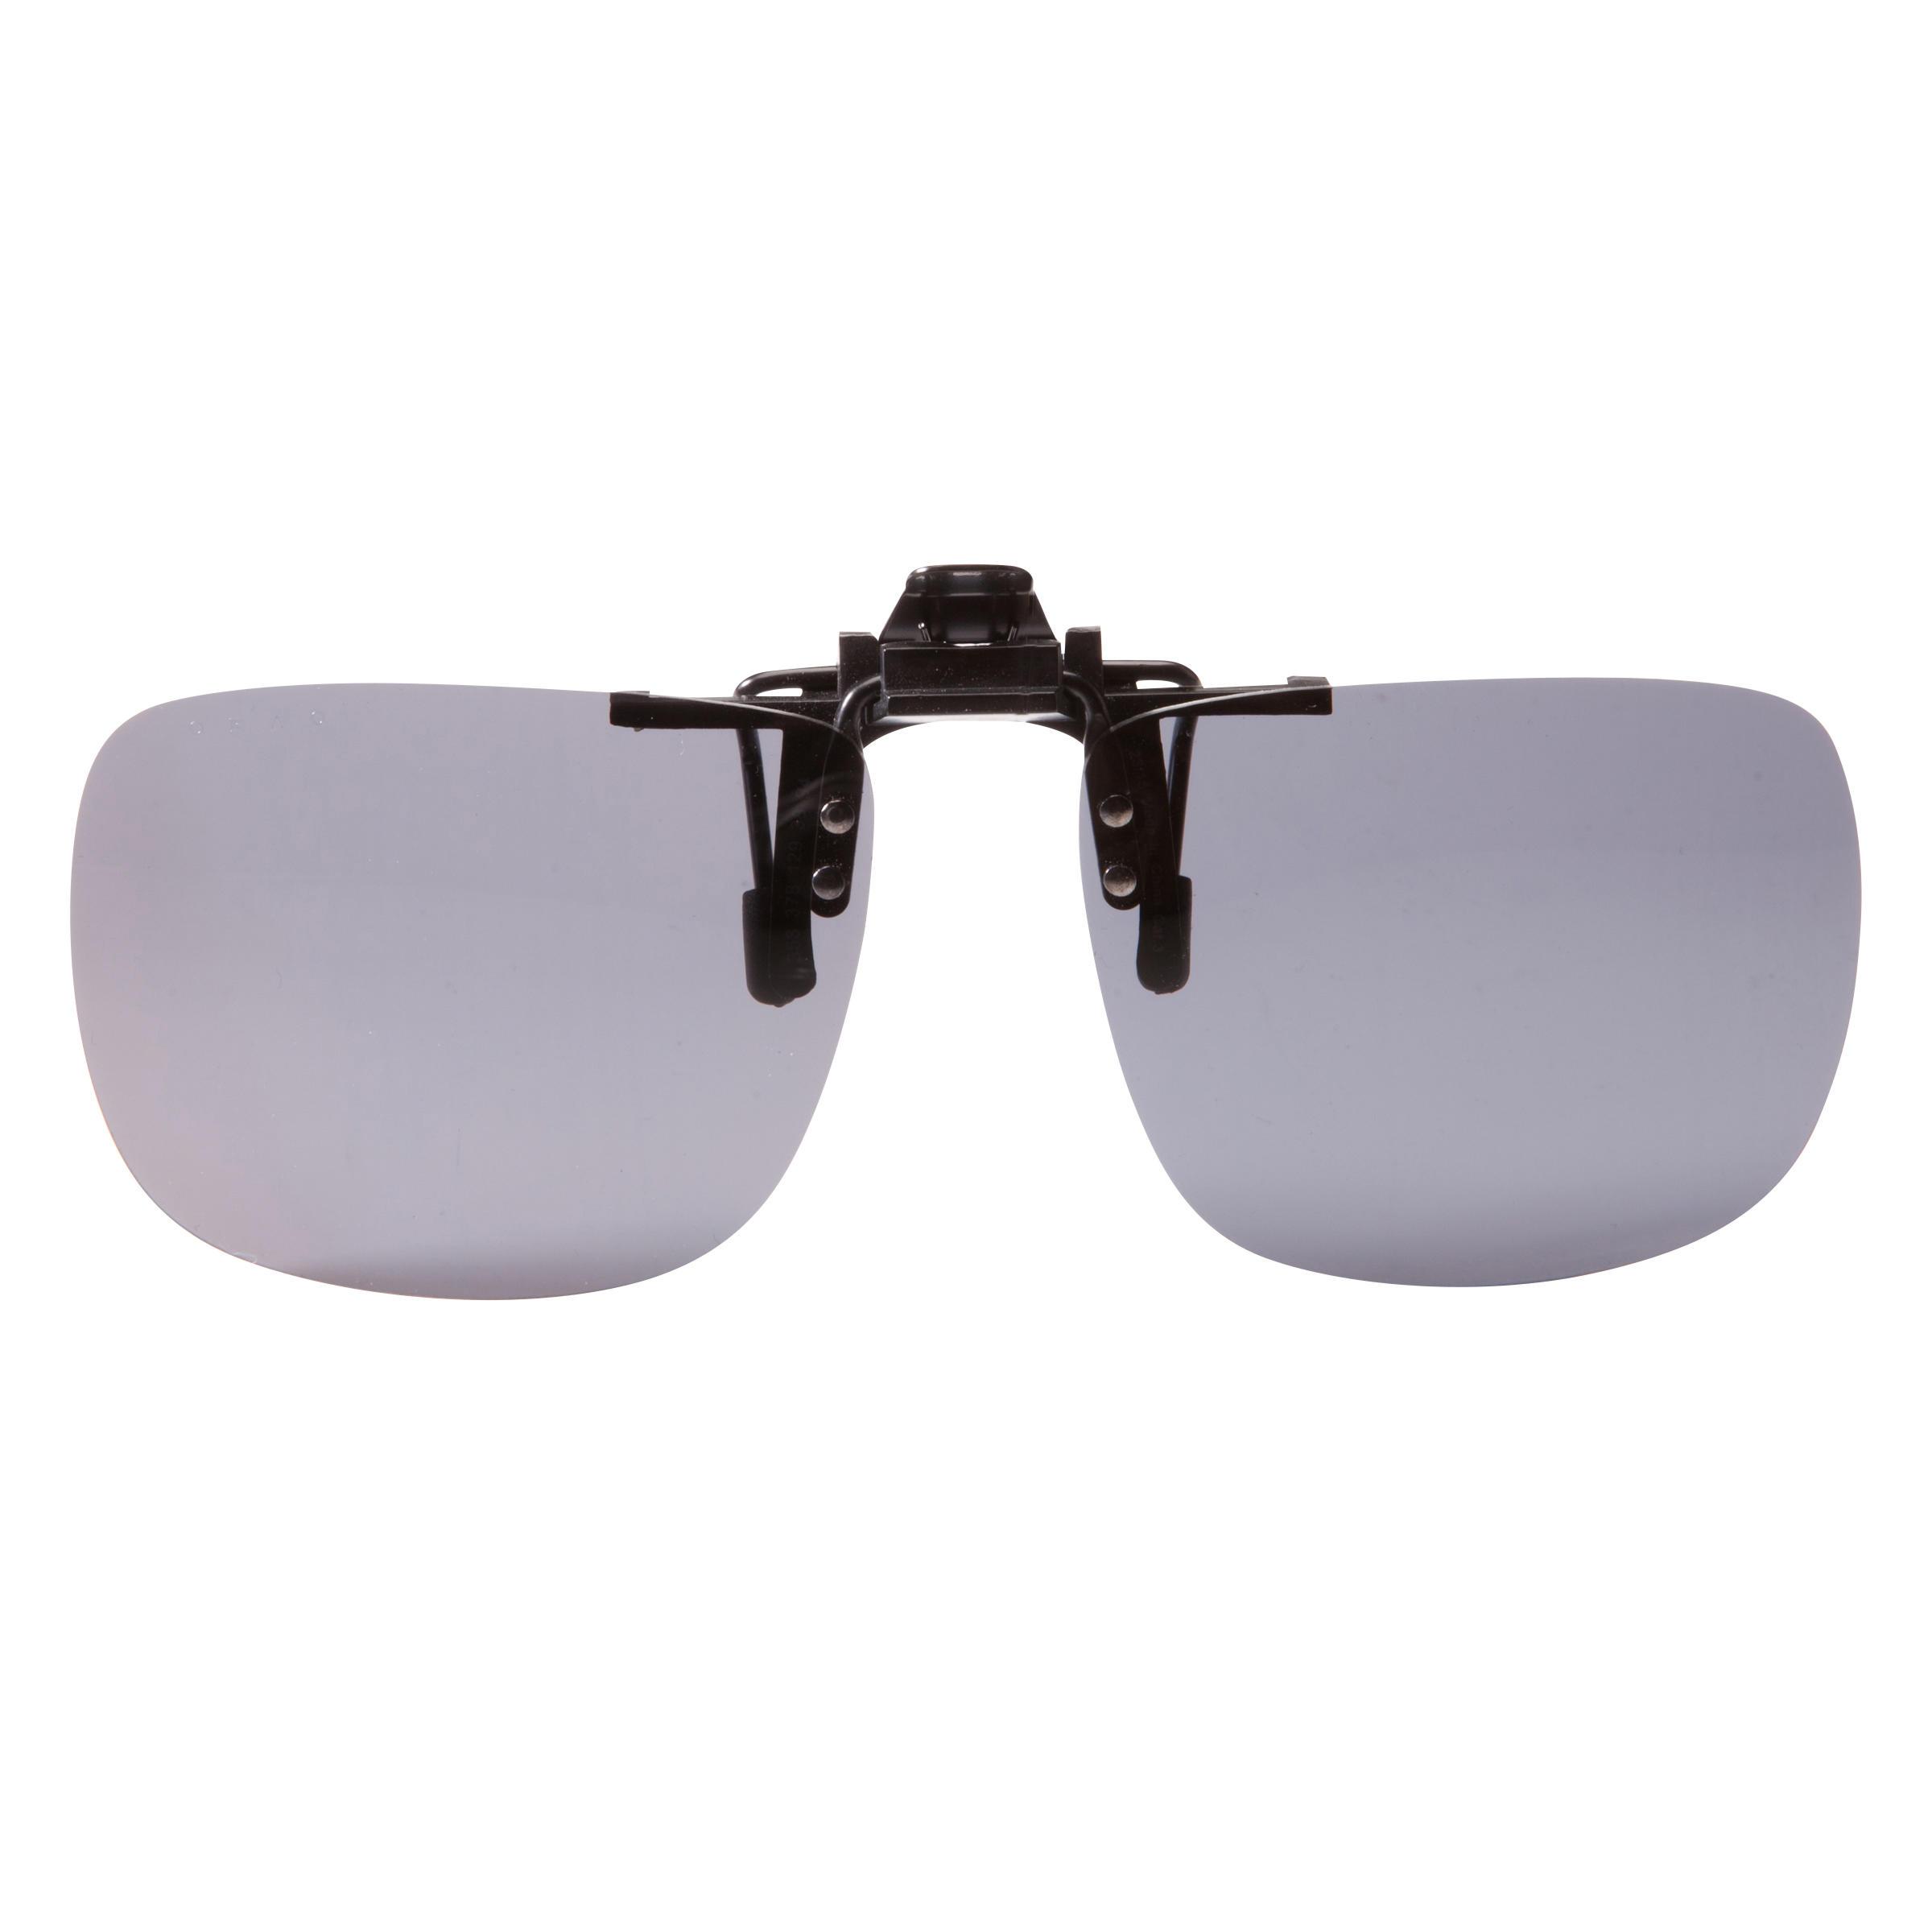 lista nueva realmente cómodo buena venta Clip adaptable para gafas de vista MH OTG 120 L polarizado categoría 3